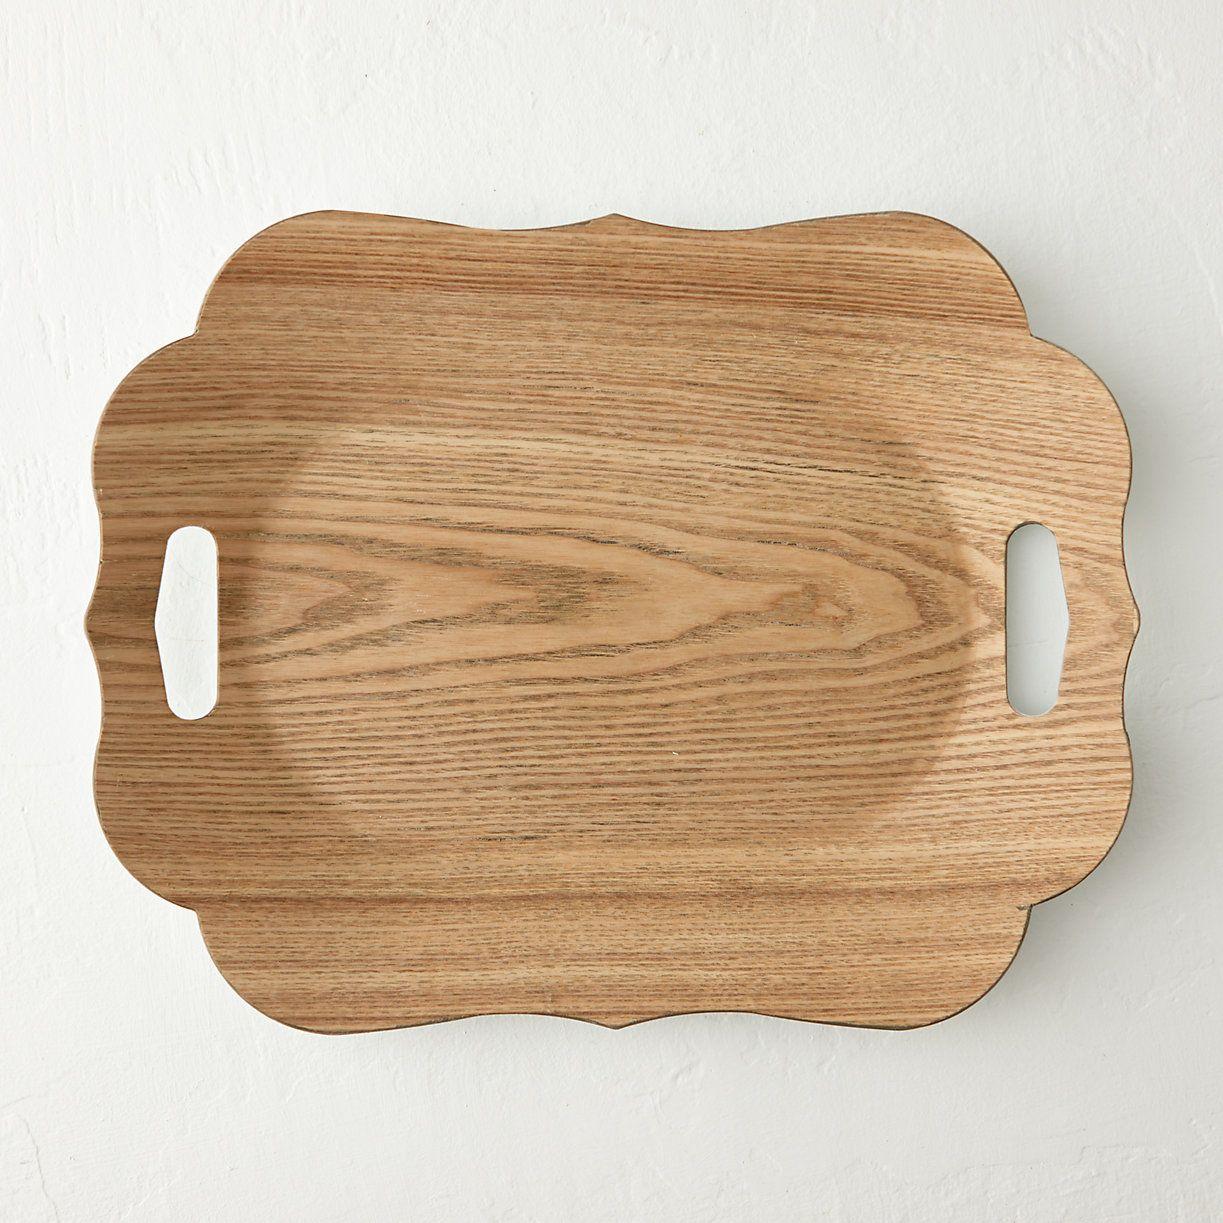 Vividly printed wood veneer adds natural appeal to this